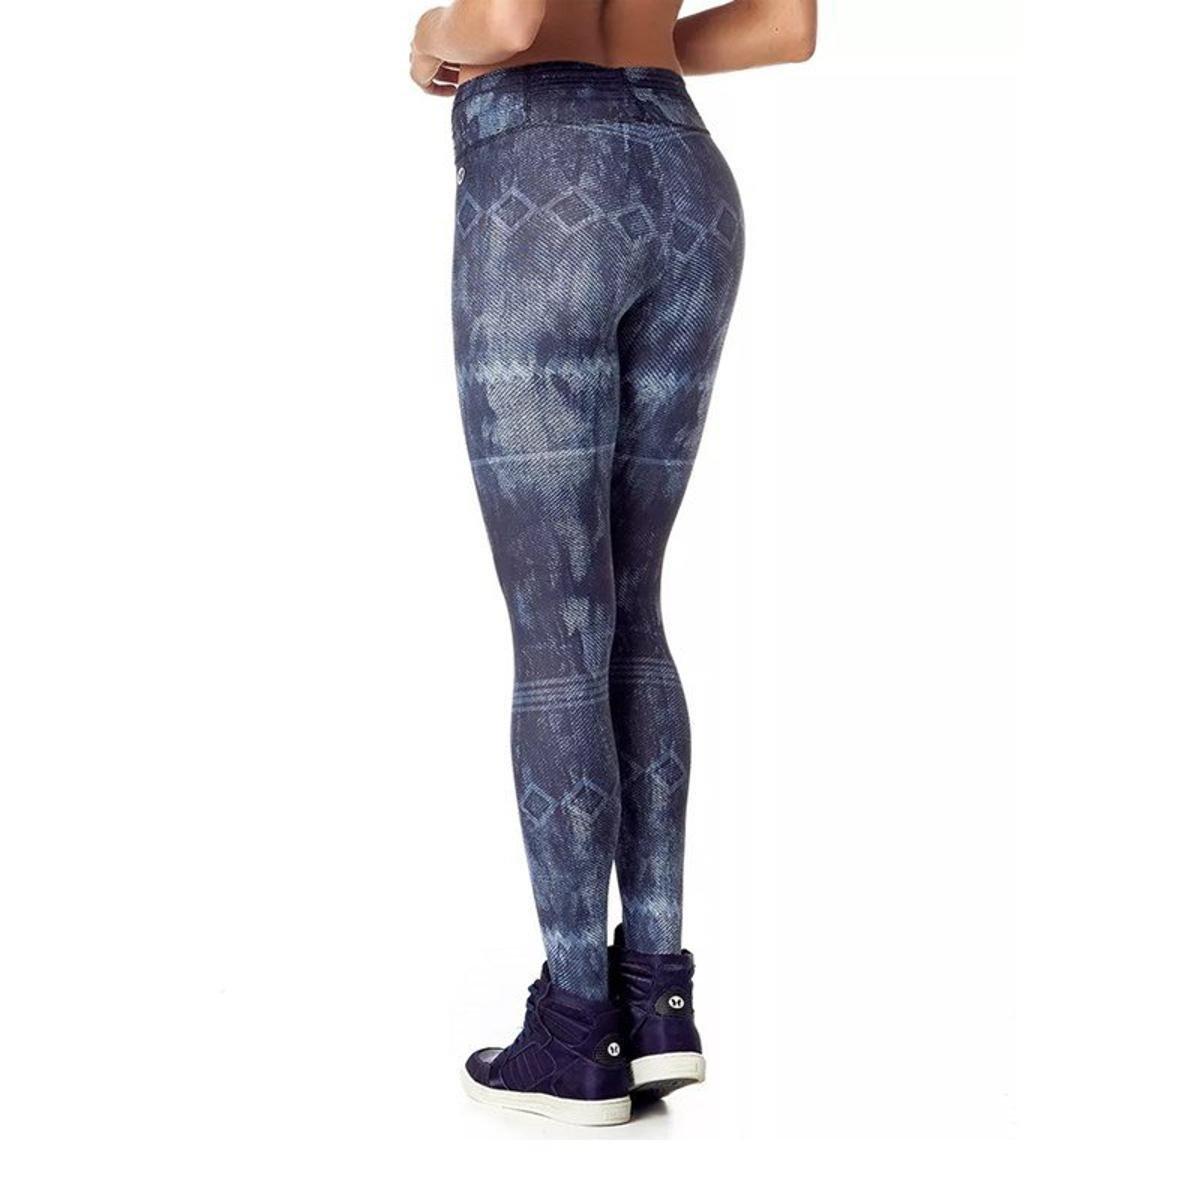 Fuso Azul Legging 11 Frufru Vestem Cós Calça e Marinho 7qvwx5q